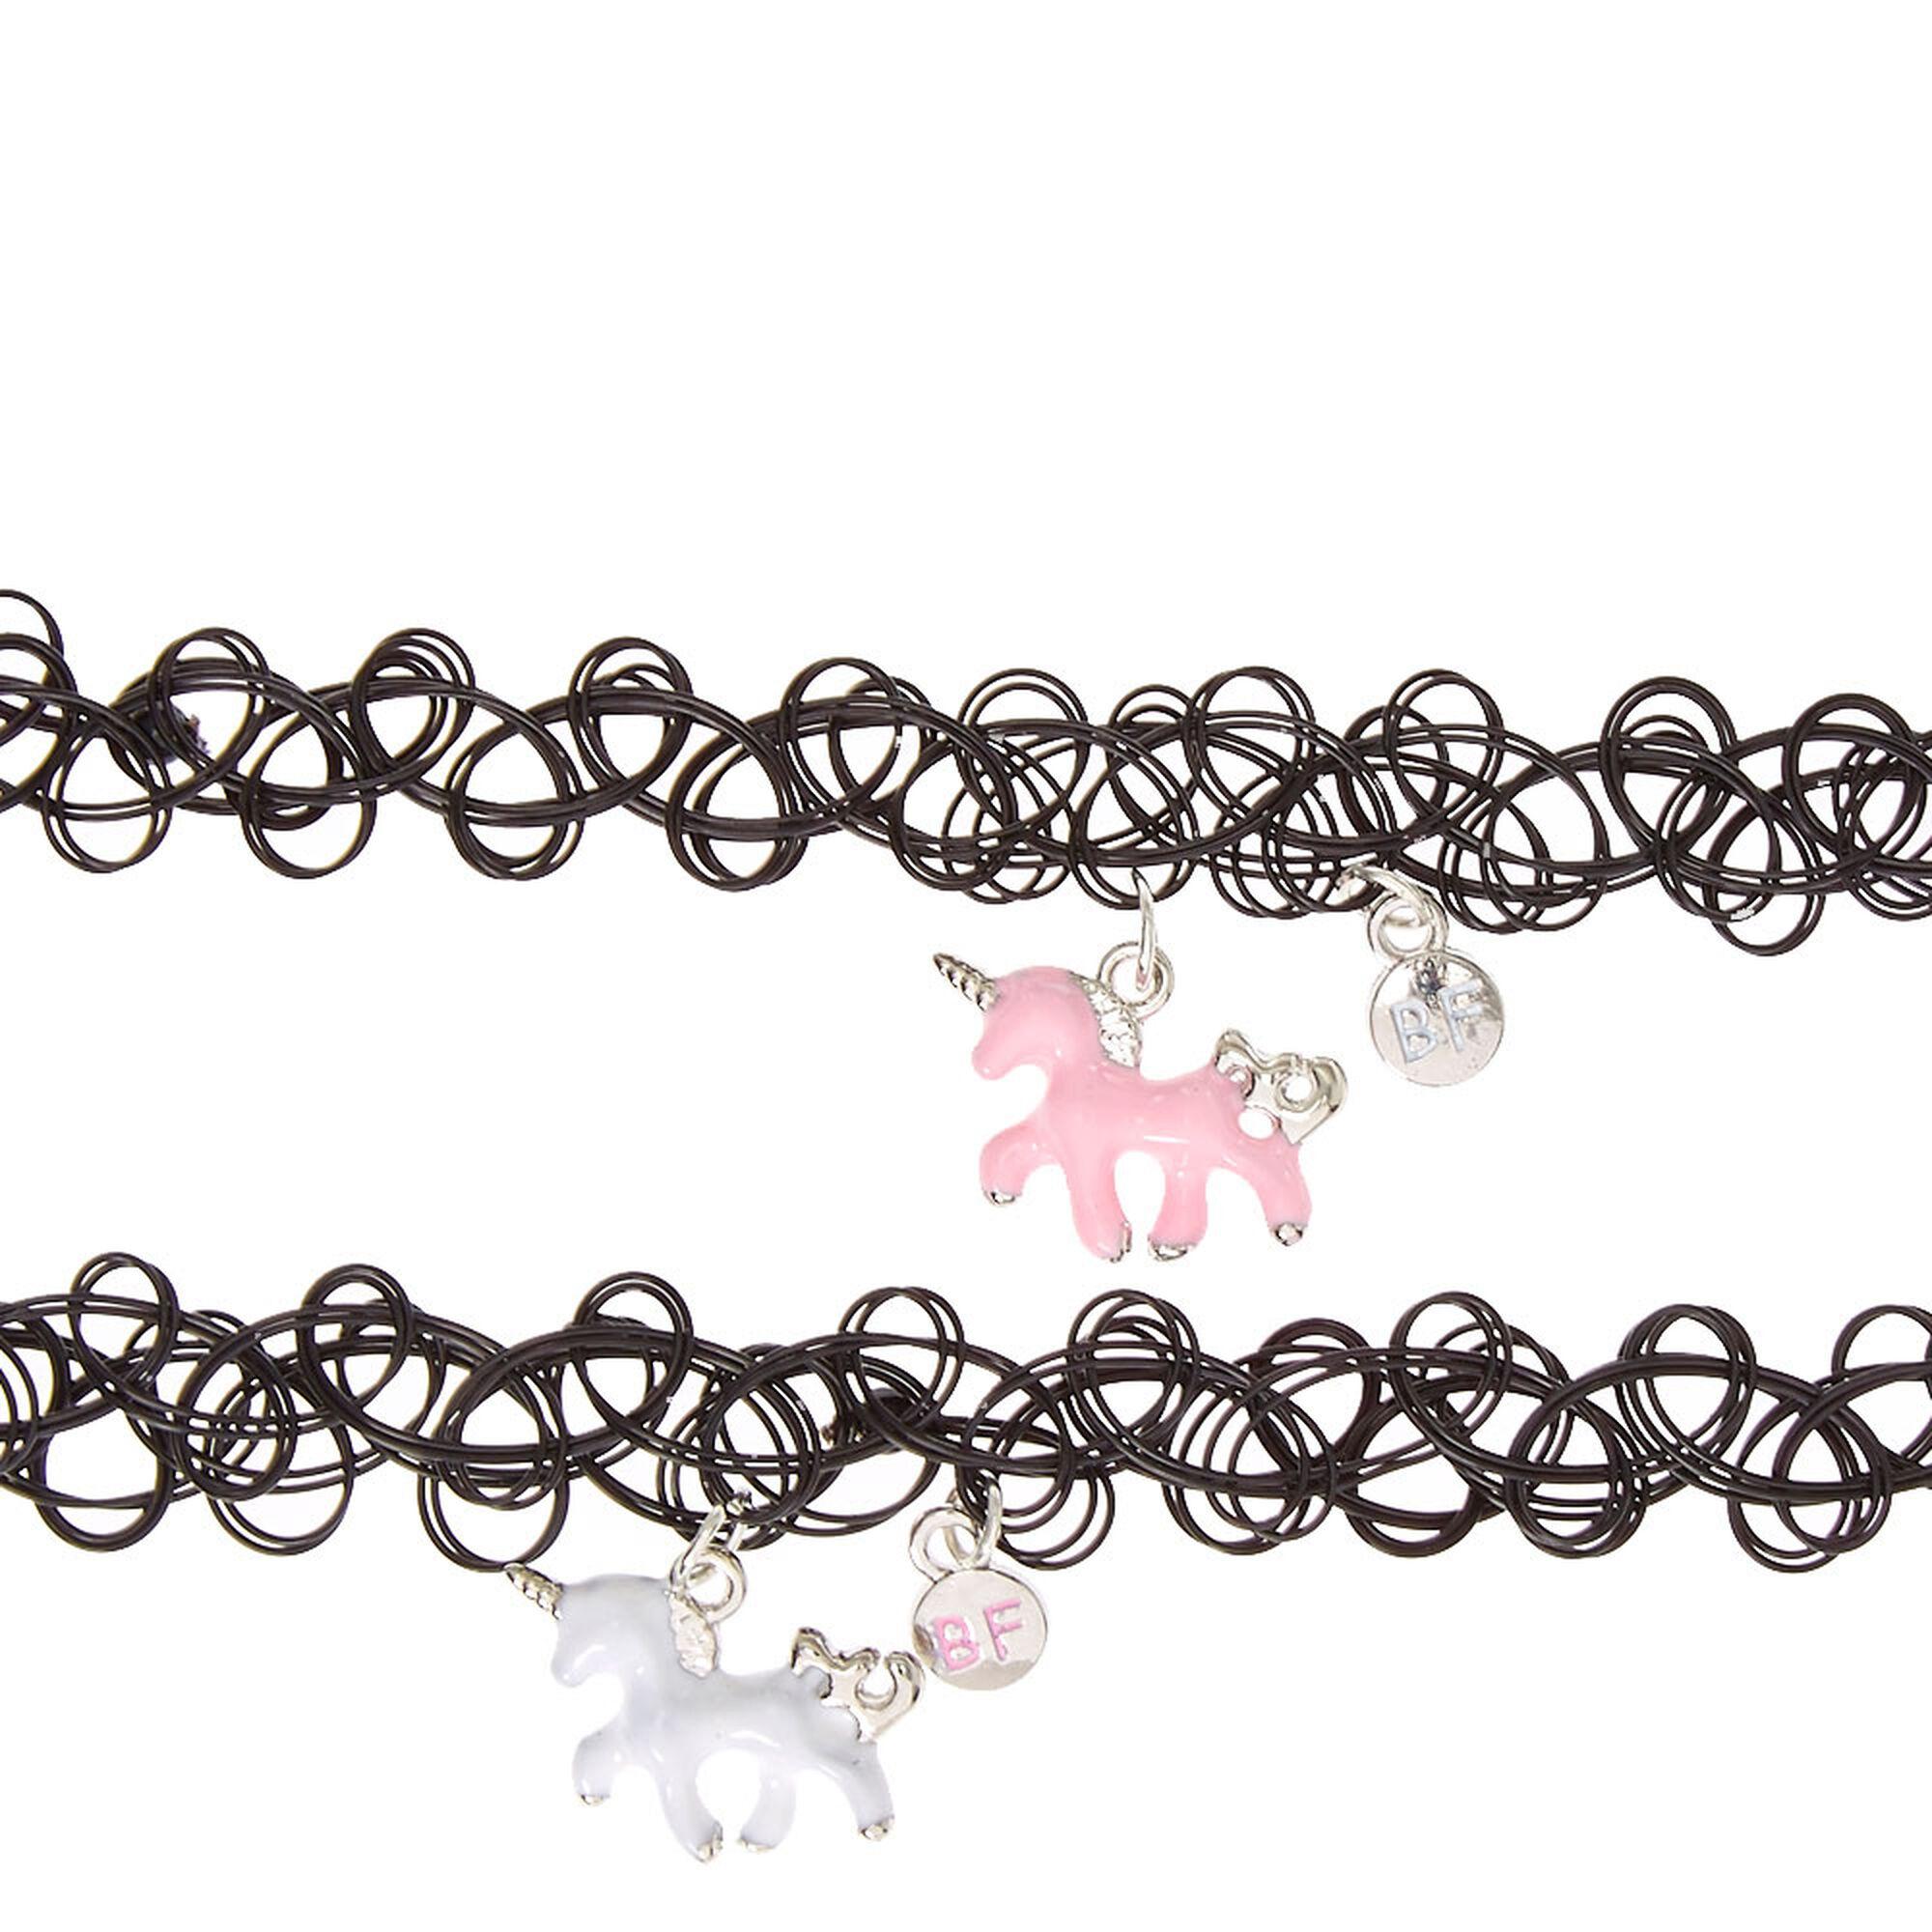 best friends pendant black choker necklaces